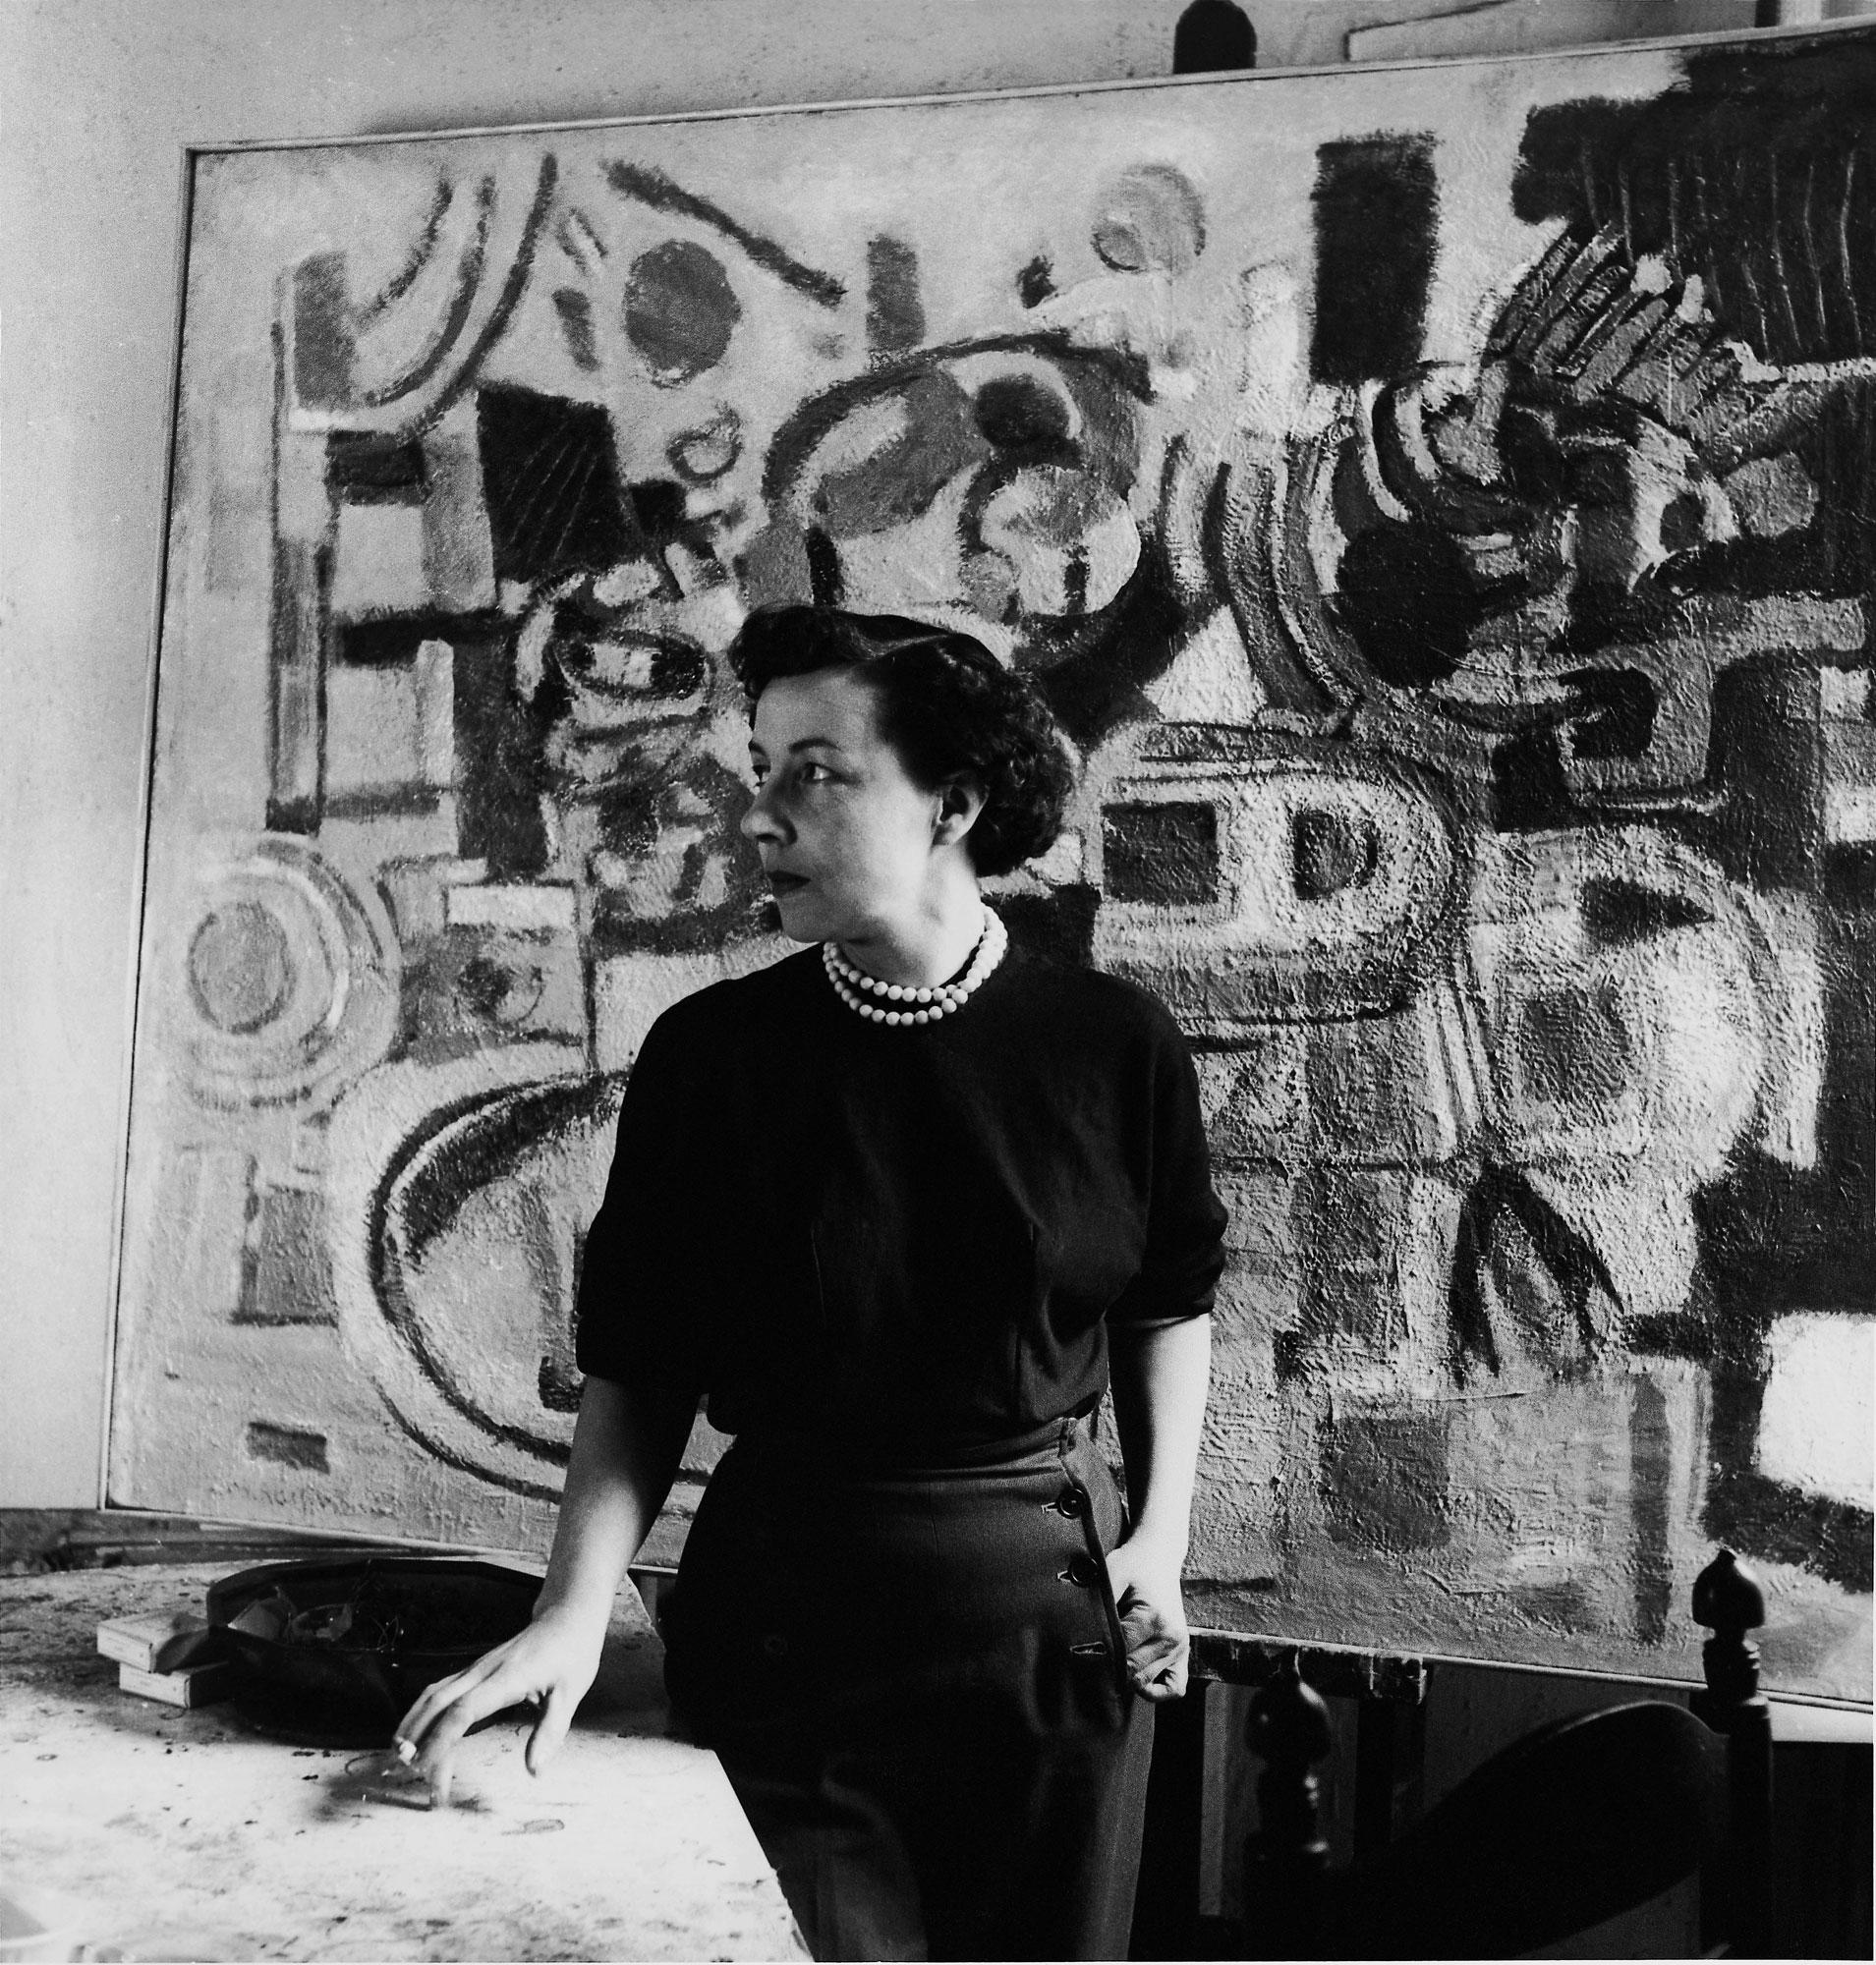 marie raymond - atelier portrait paris 1950